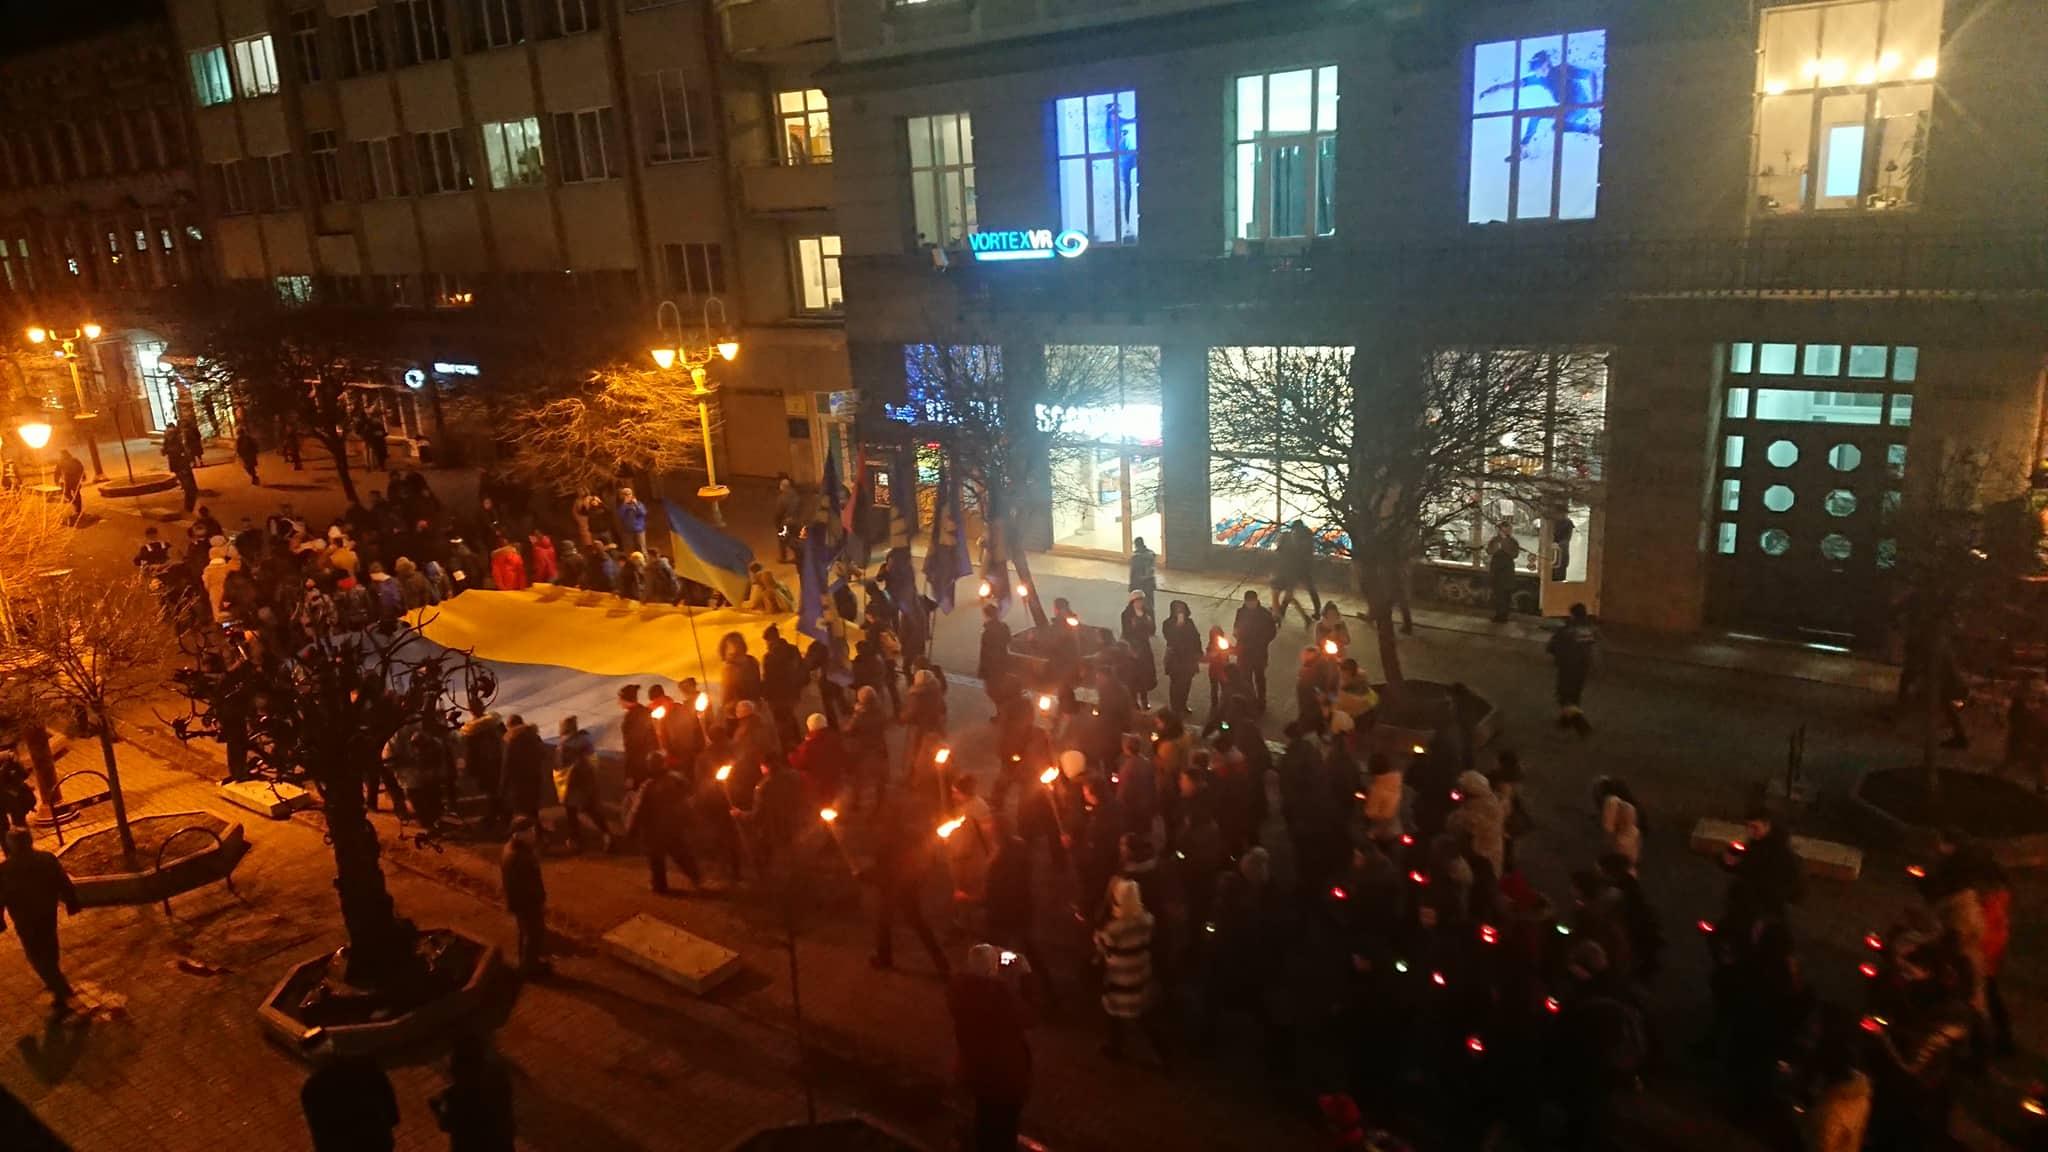 """""""Наша земля – наші герої"""": двома смолоскипними маршами у Франківську вшанували полеглих під Крутами 18"""